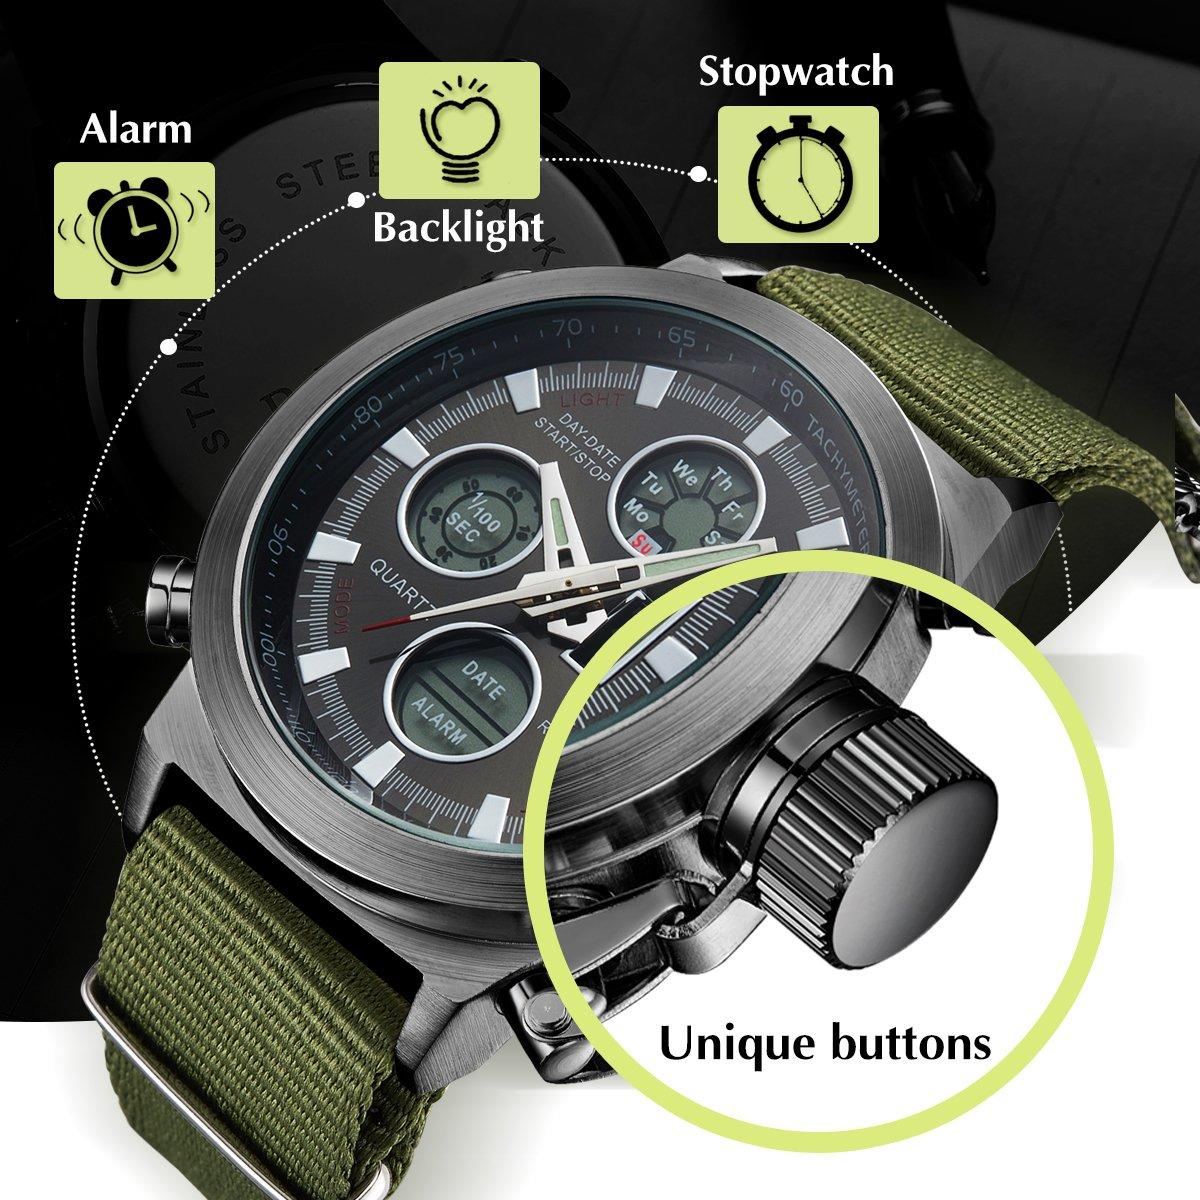 BIDEN Watch, Watch Men Digital Analog Sport Waterproof Watch,Multifunction LED Date Alarm Leather Wrist Watch (GreenBlack) by BIDEN (Image #4)